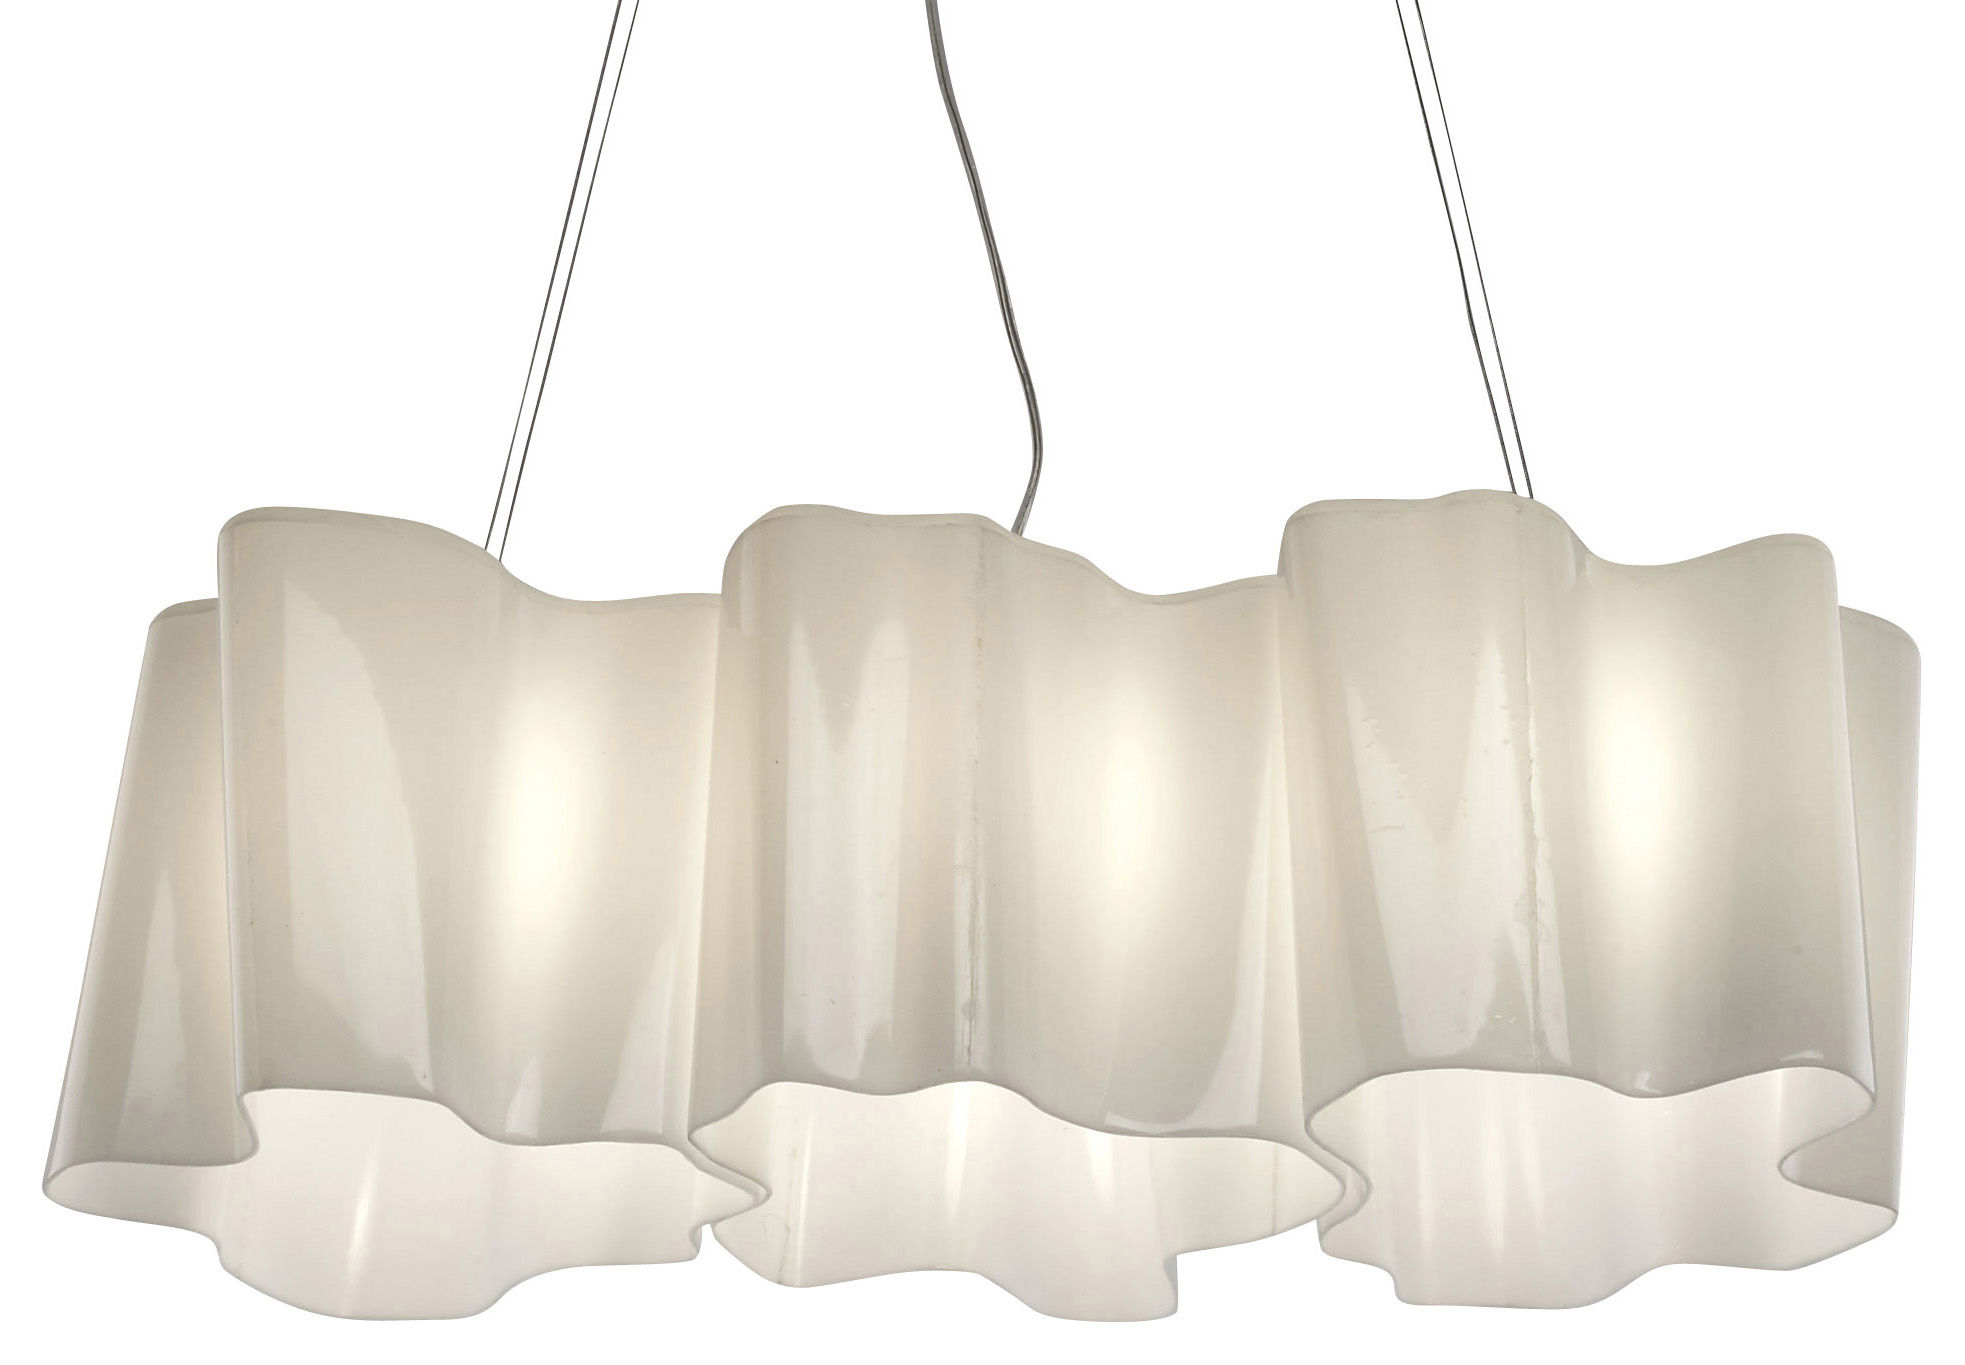 Luminaire - Suspensions - Suspension Logico Mini 3 éléments en ligne - Artemide - Blanc - mini - Verre soufflé